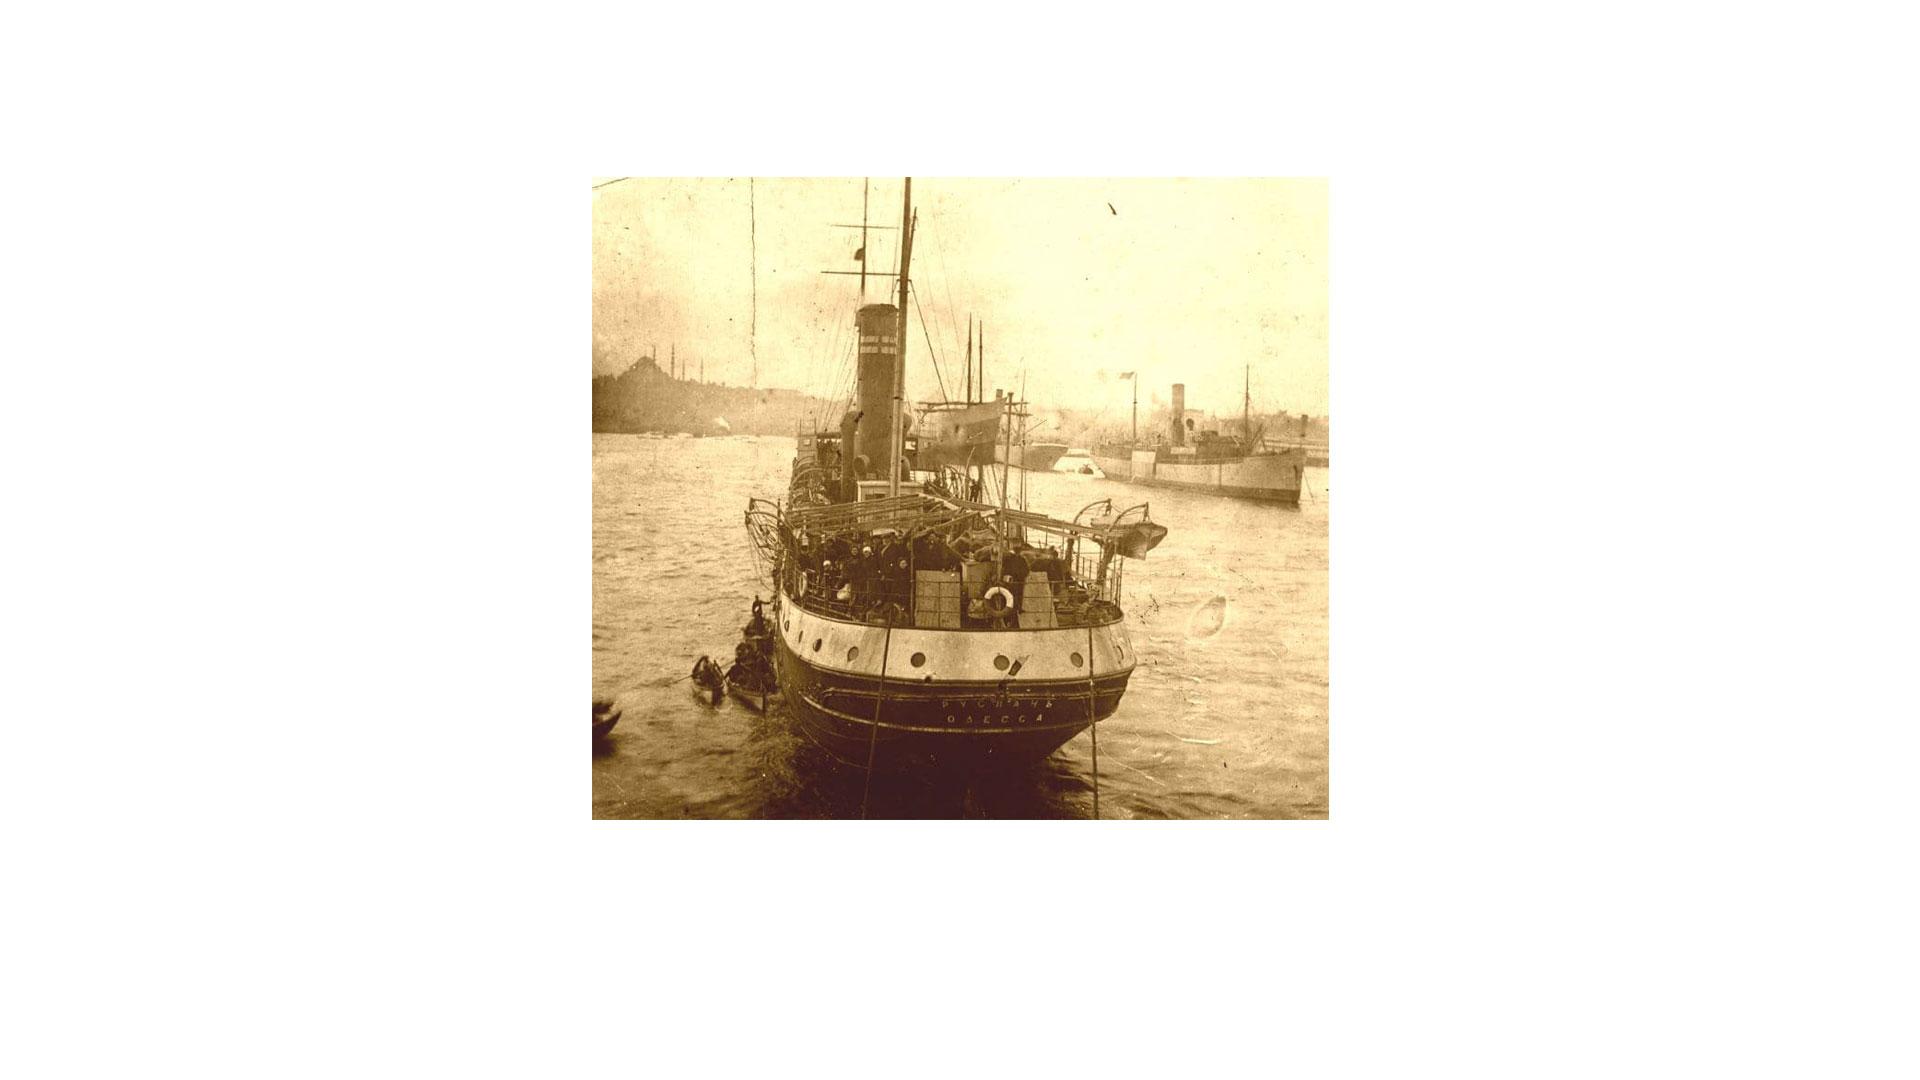 """והספינה שטה: חלוצי תרבות על סיפון ה״רוסלאן"""""""